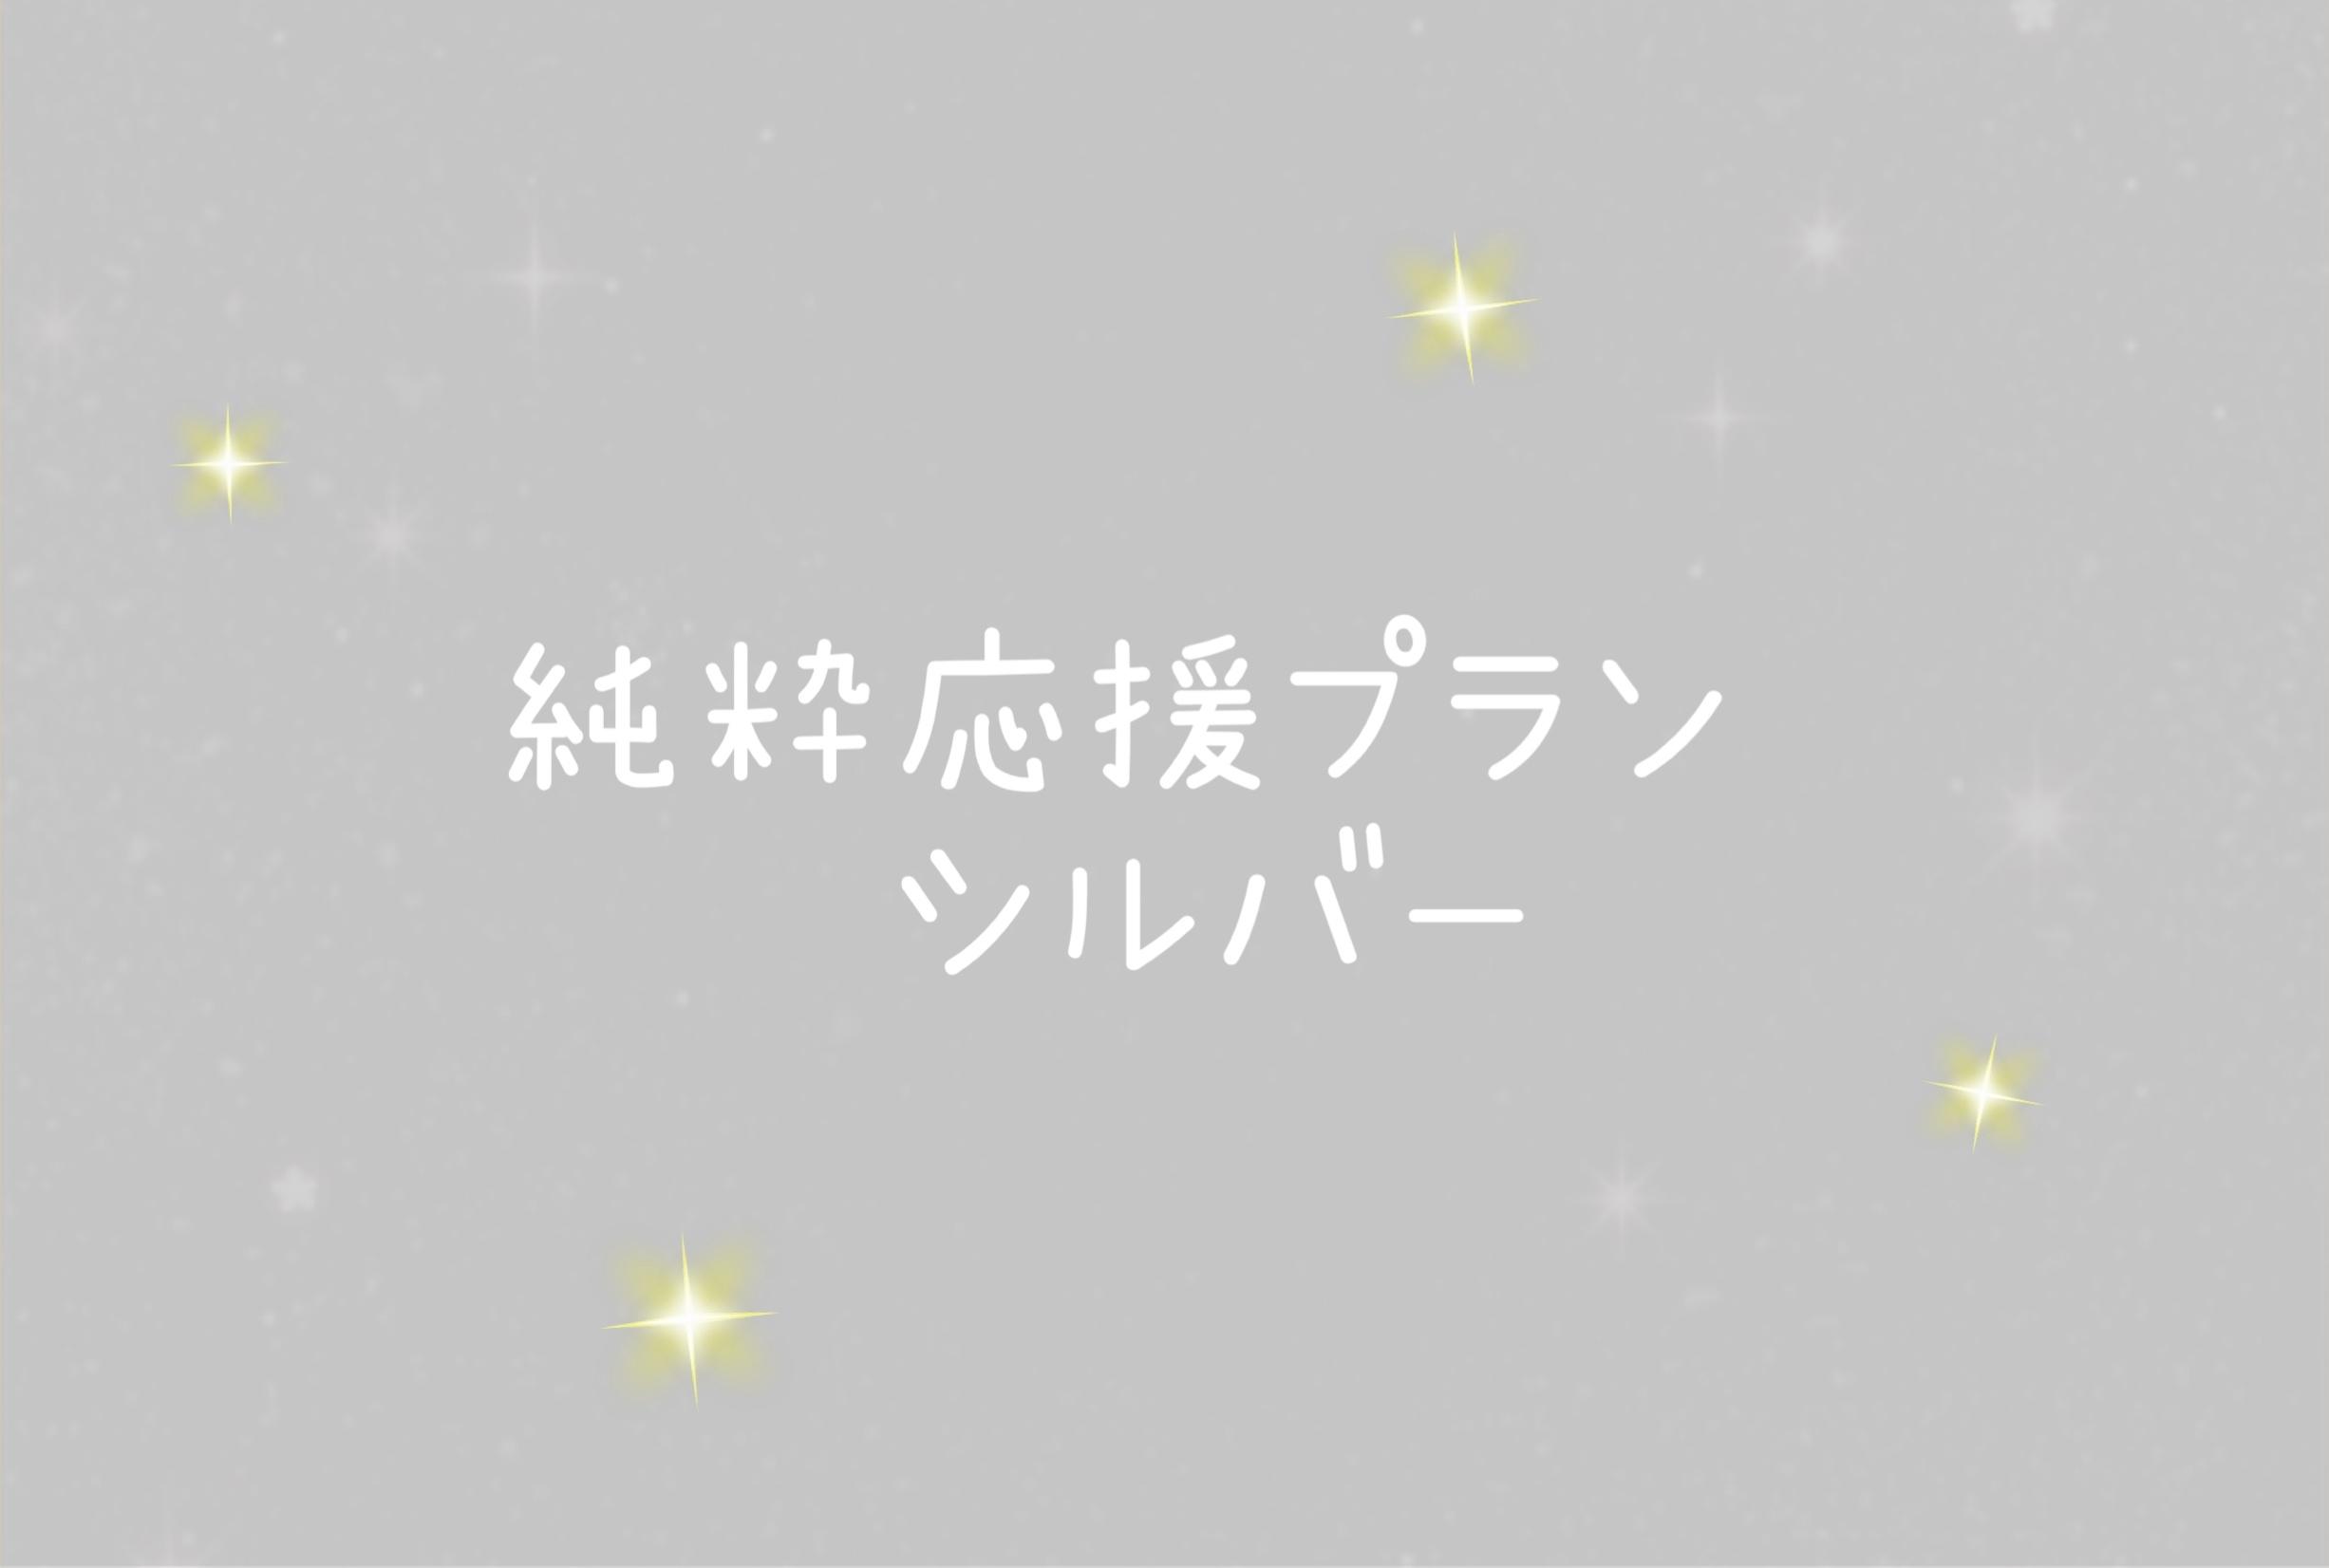 <橋村姫 純粋応援プラン シルバー>